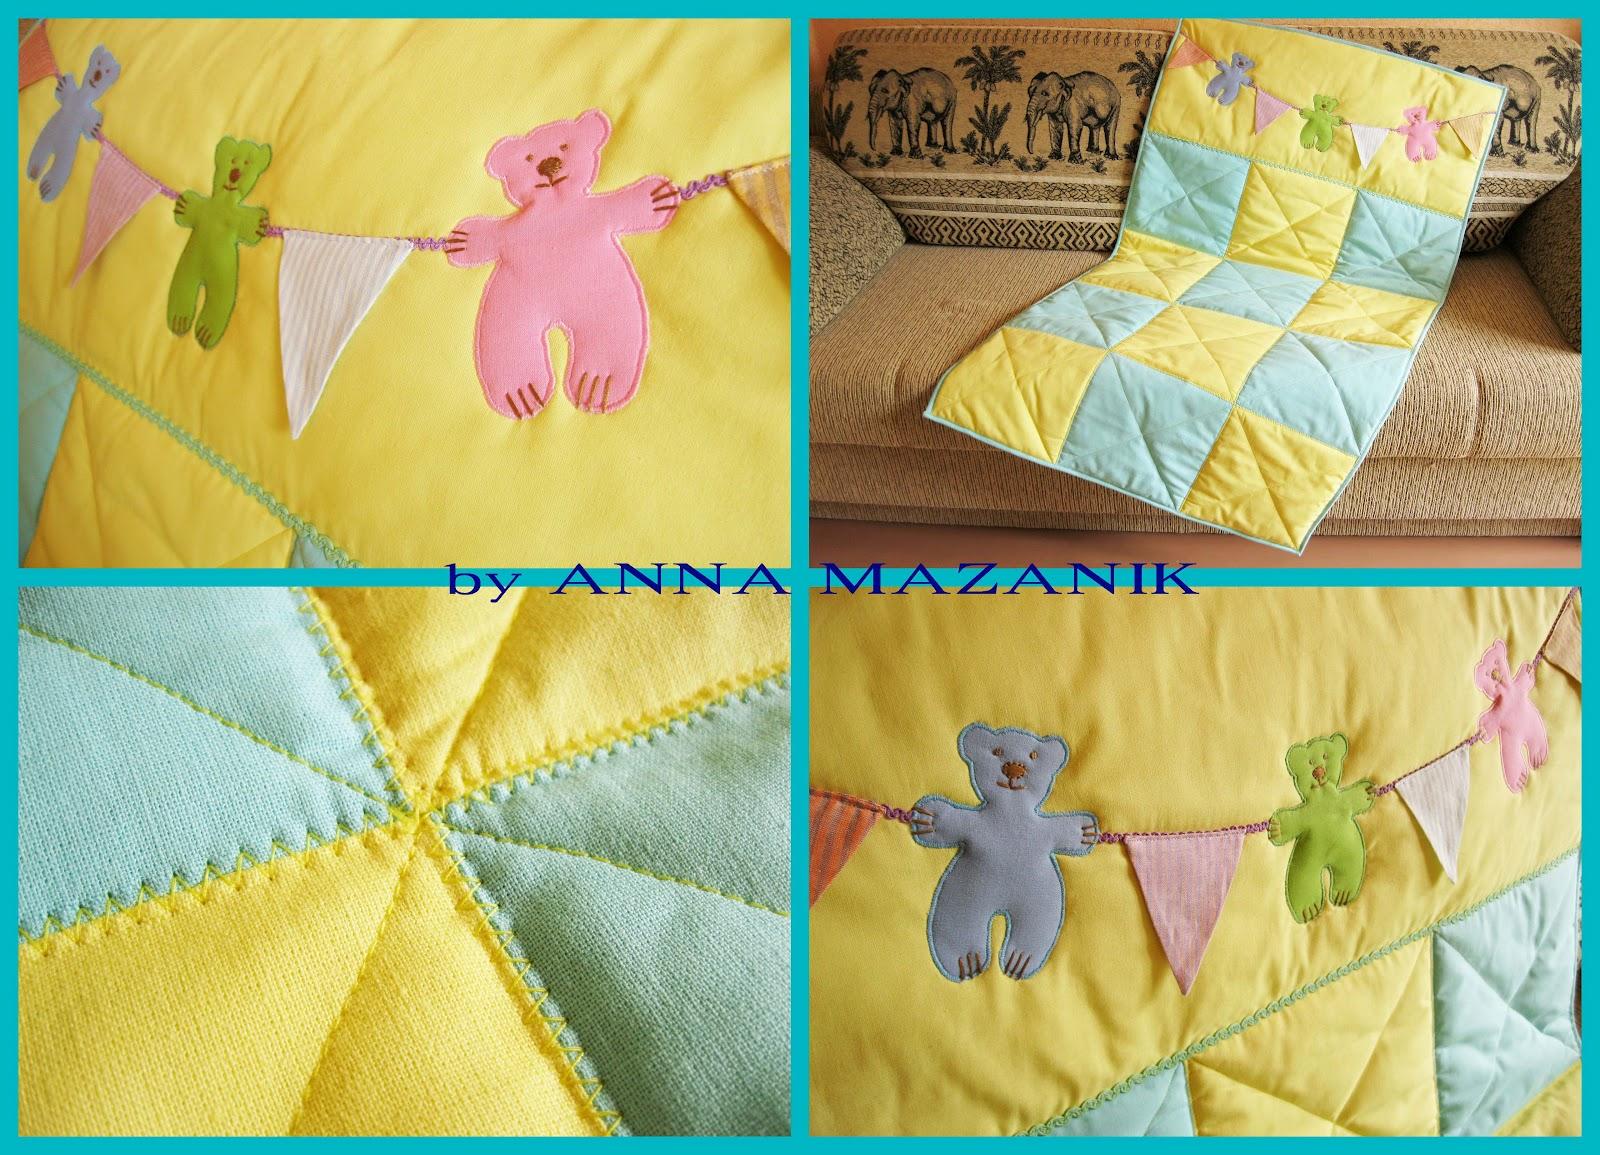 Детское одеяло своими руками. Как сшить детское одеяло для 32